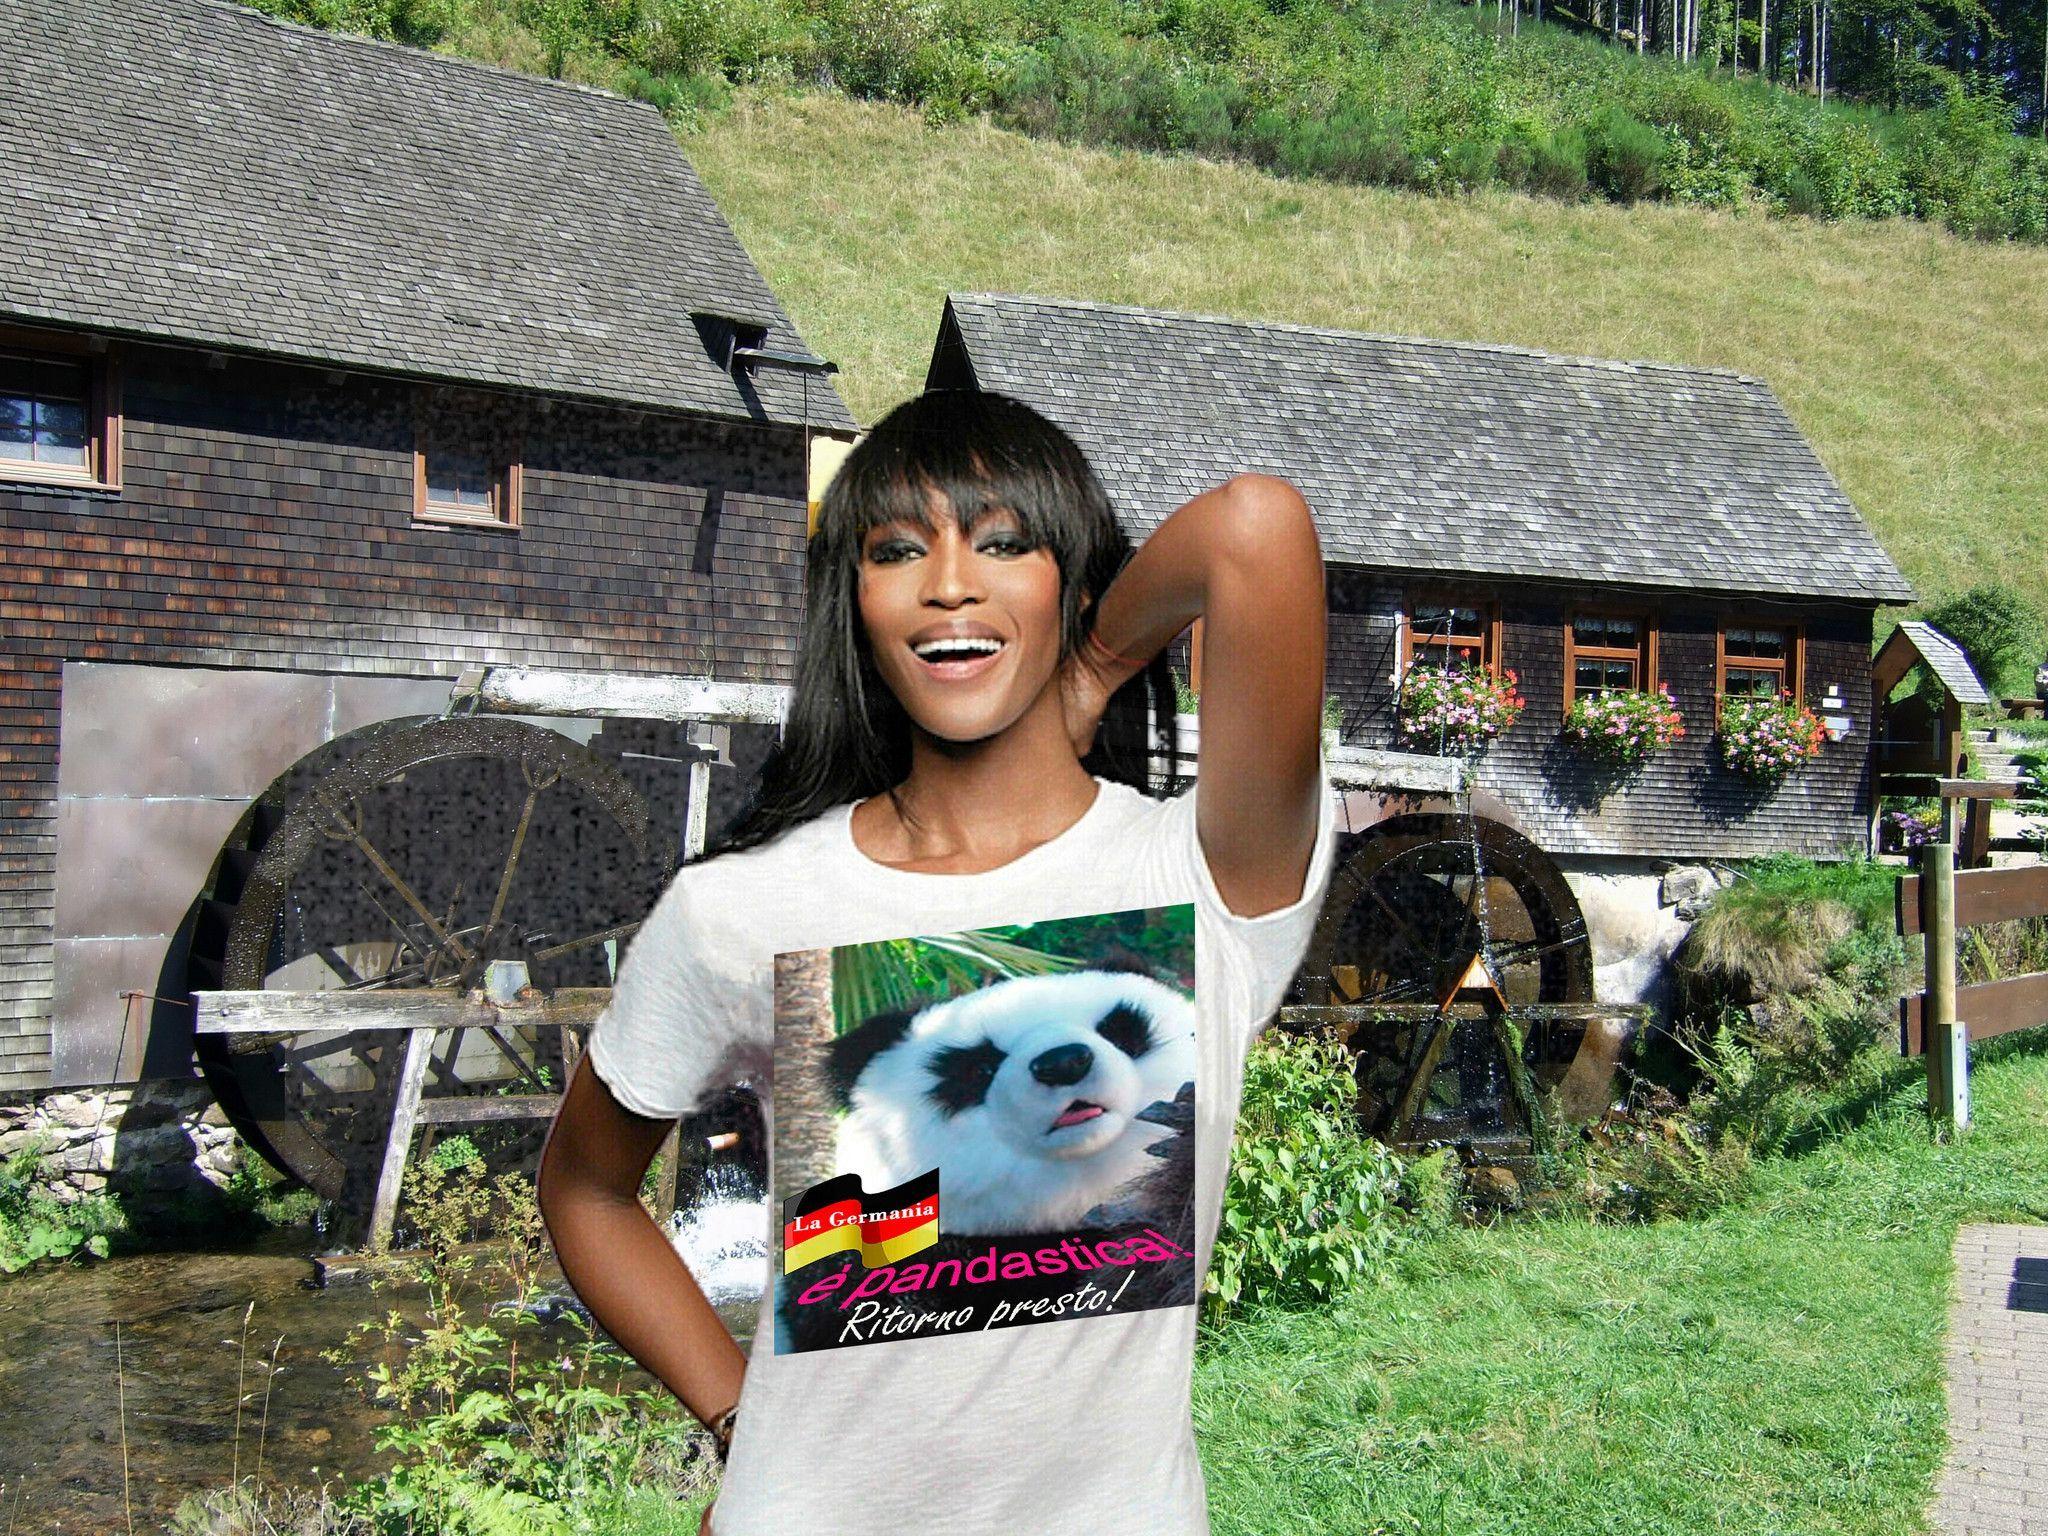 LA GERMANIA è pandastica! - Ritorno presto!